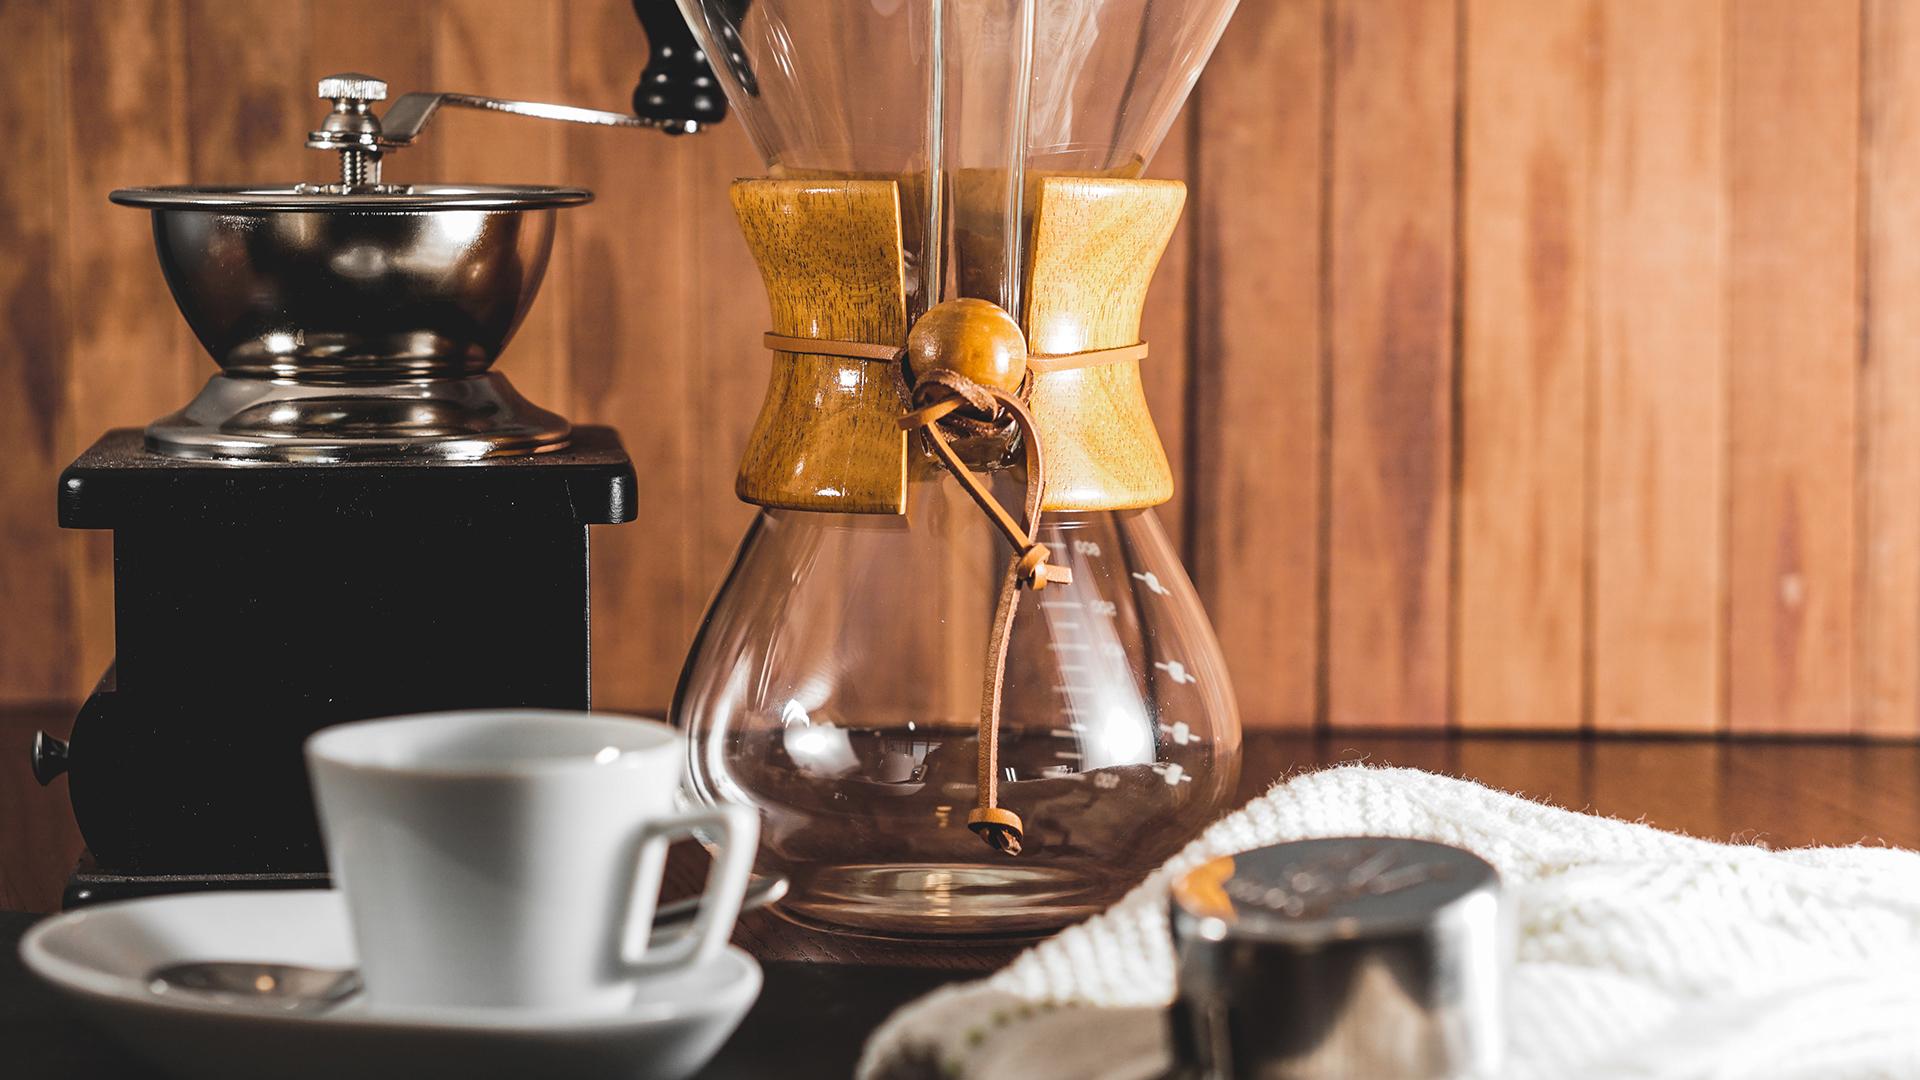 Café de especialidad: nueve propuestas para disfrutar una experiencia sensorial única - Infobae